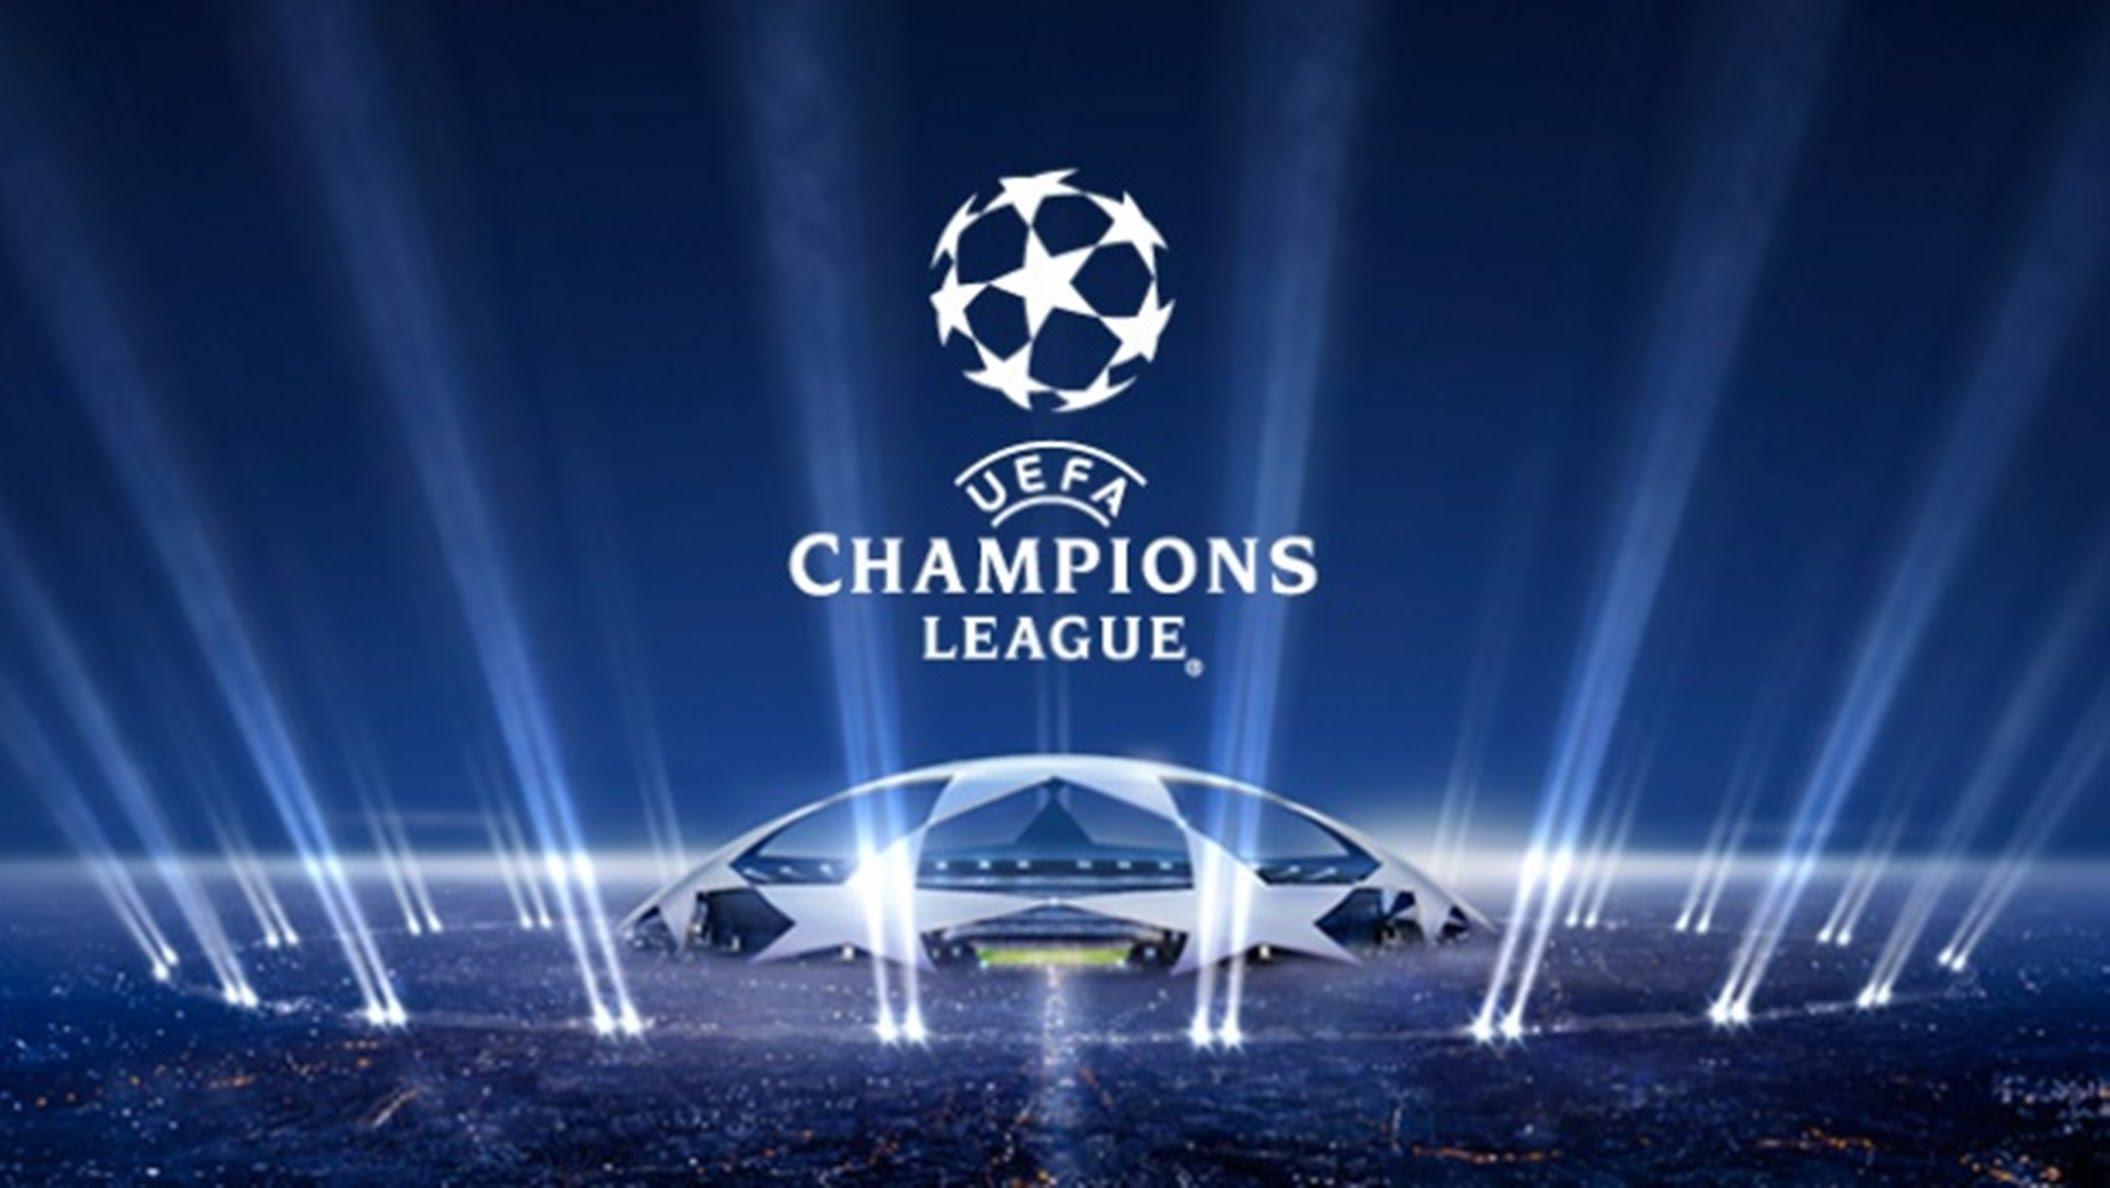 Шахтер — Лион: горняки активно рекламируют матч Лиги чемпионов в Киеве